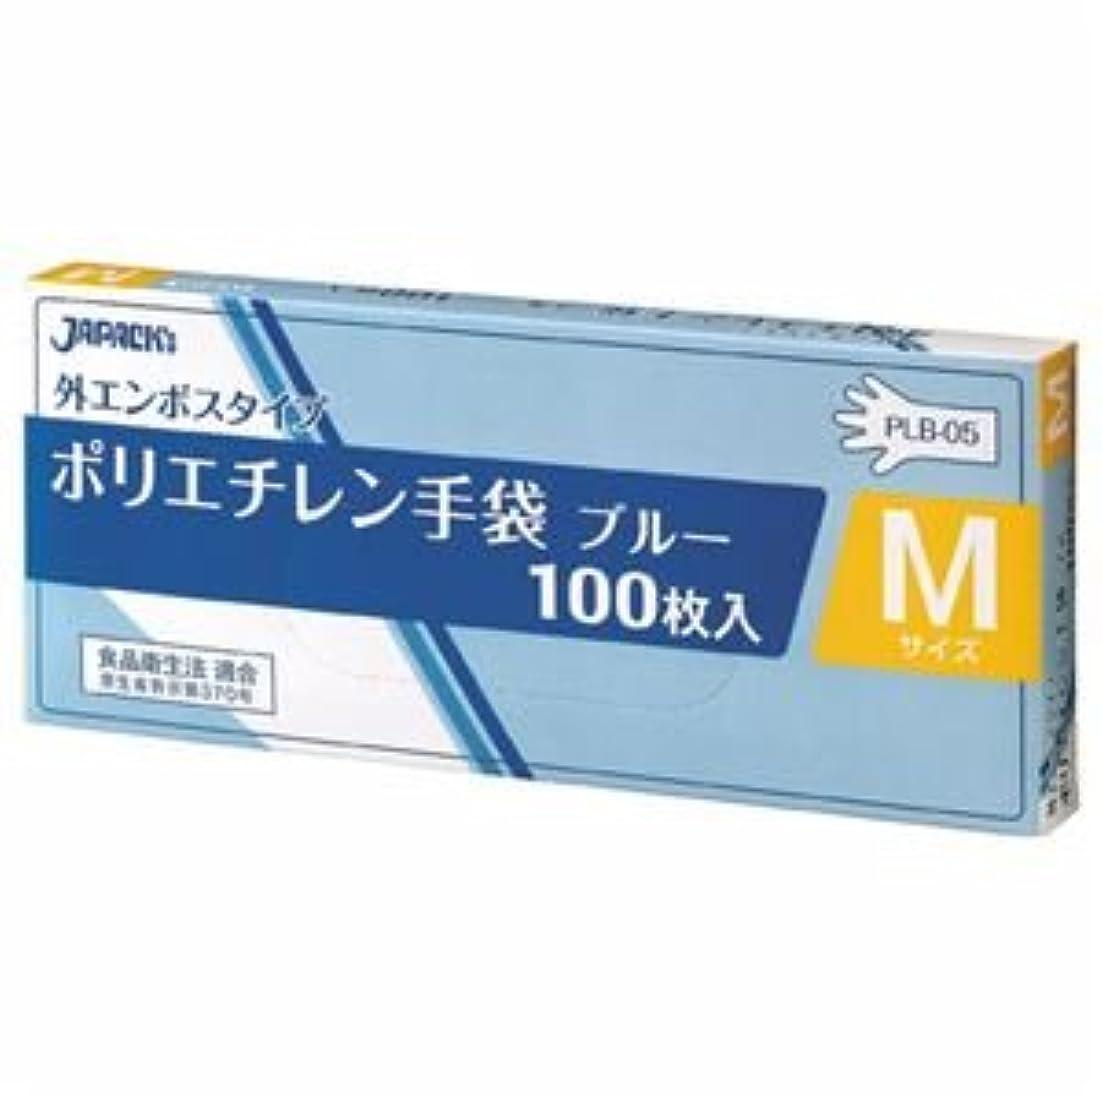 聖なる異常な摂氏(まとめ) ジャパックス 外エンボスLDポリ手袋BOX M 青 PLB05 1パック(100枚) 【×20セット】